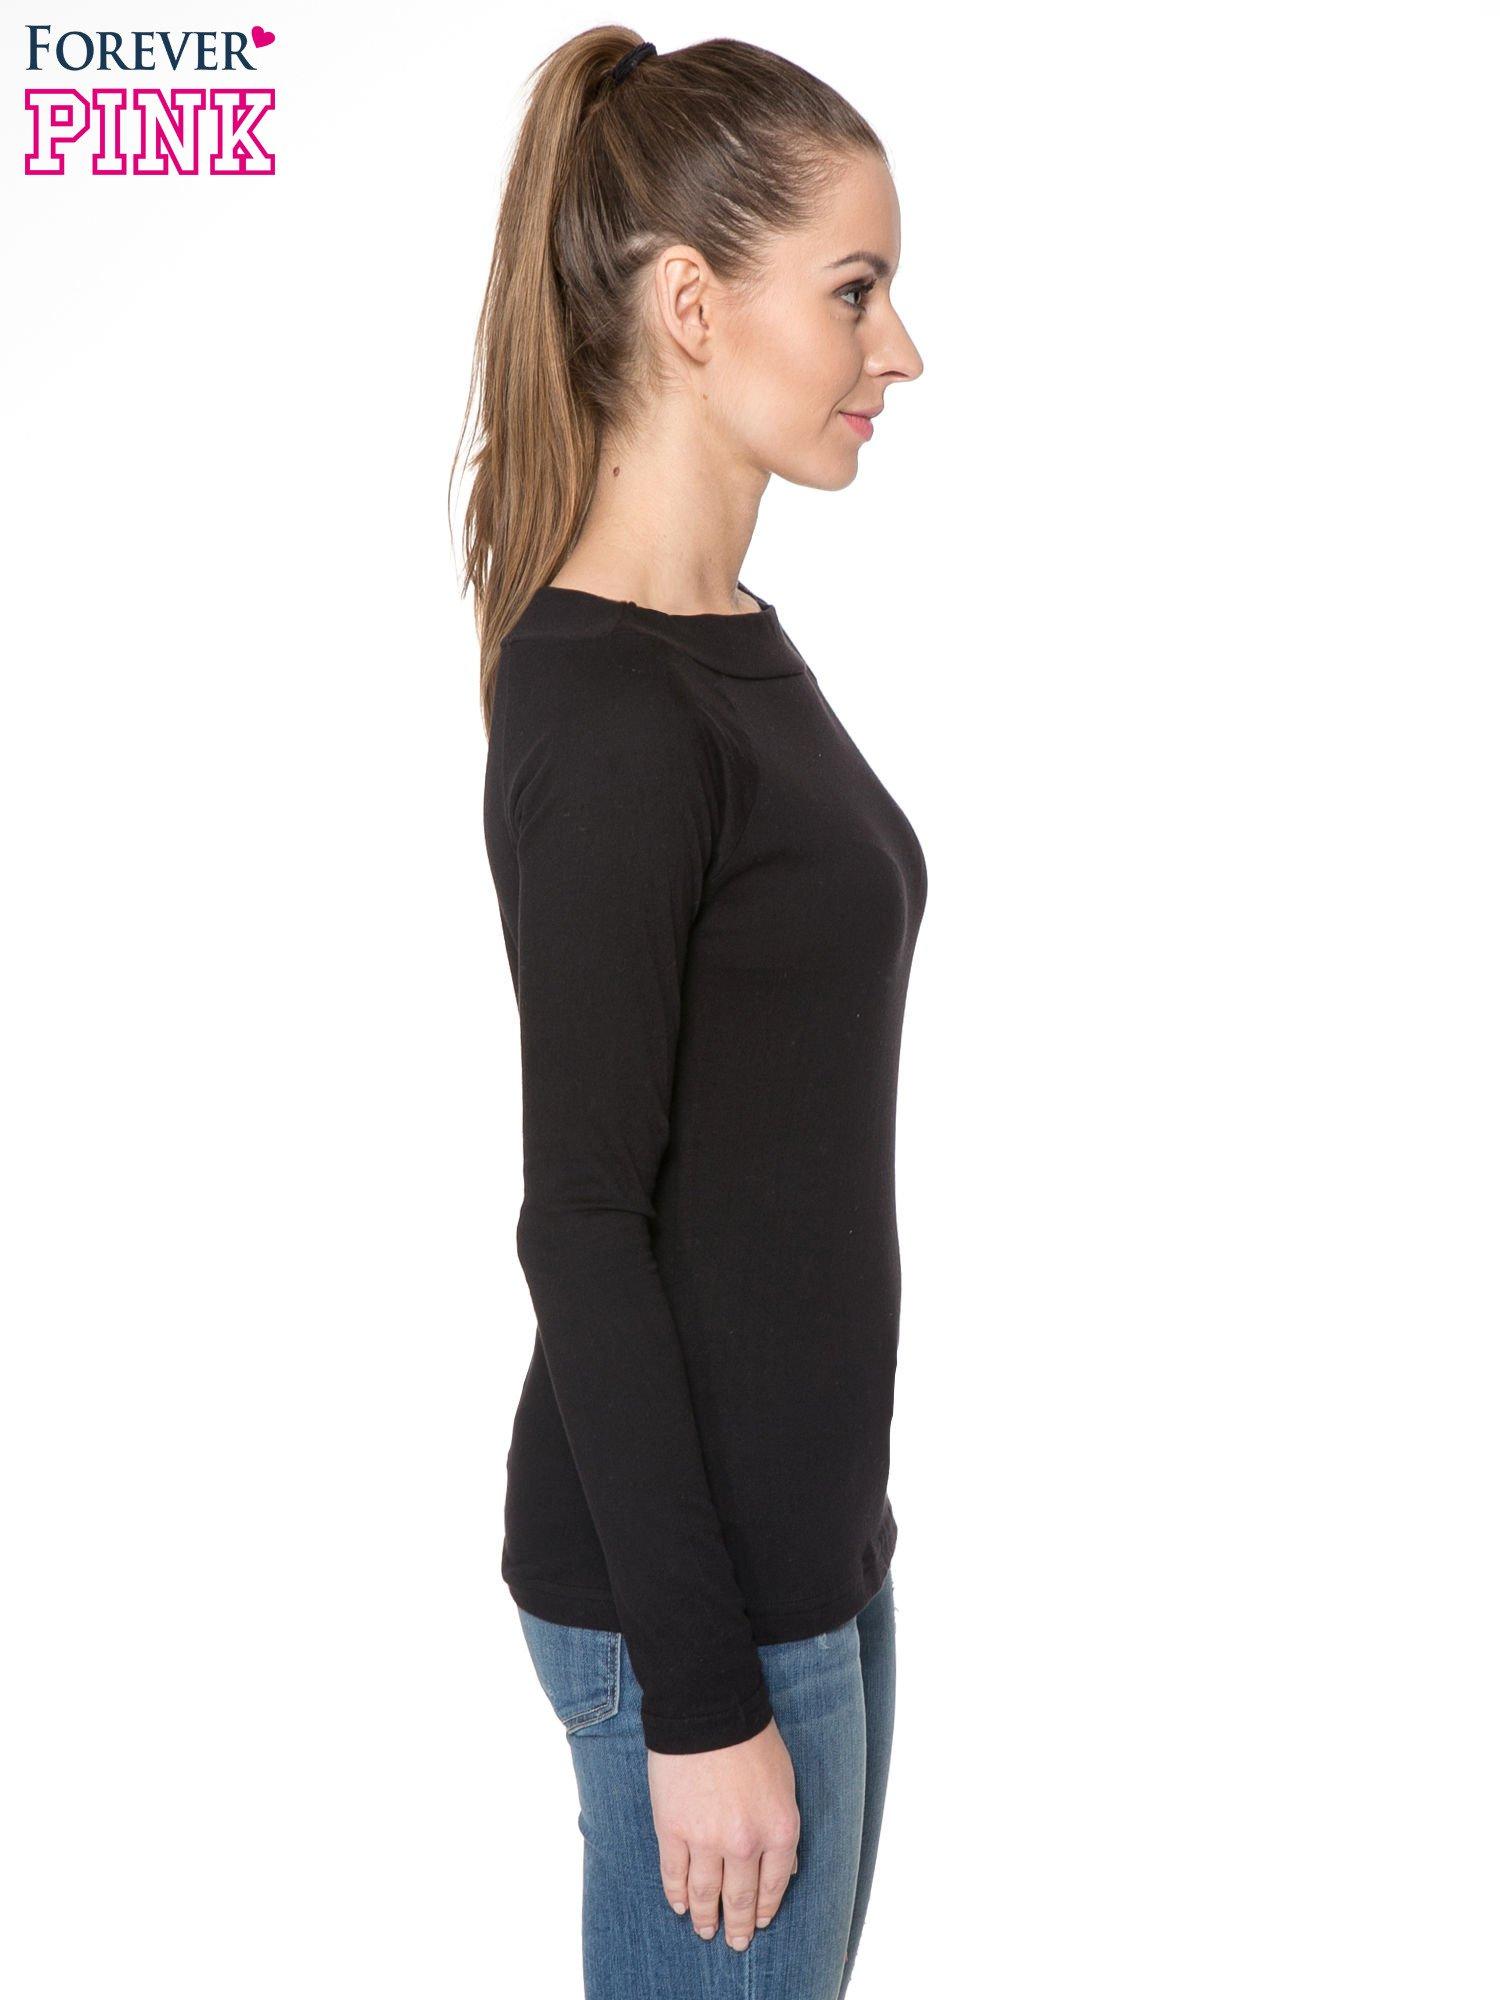 Czarna gładka bluzka z reglanowymi rękawami                                  zdj.                                  3